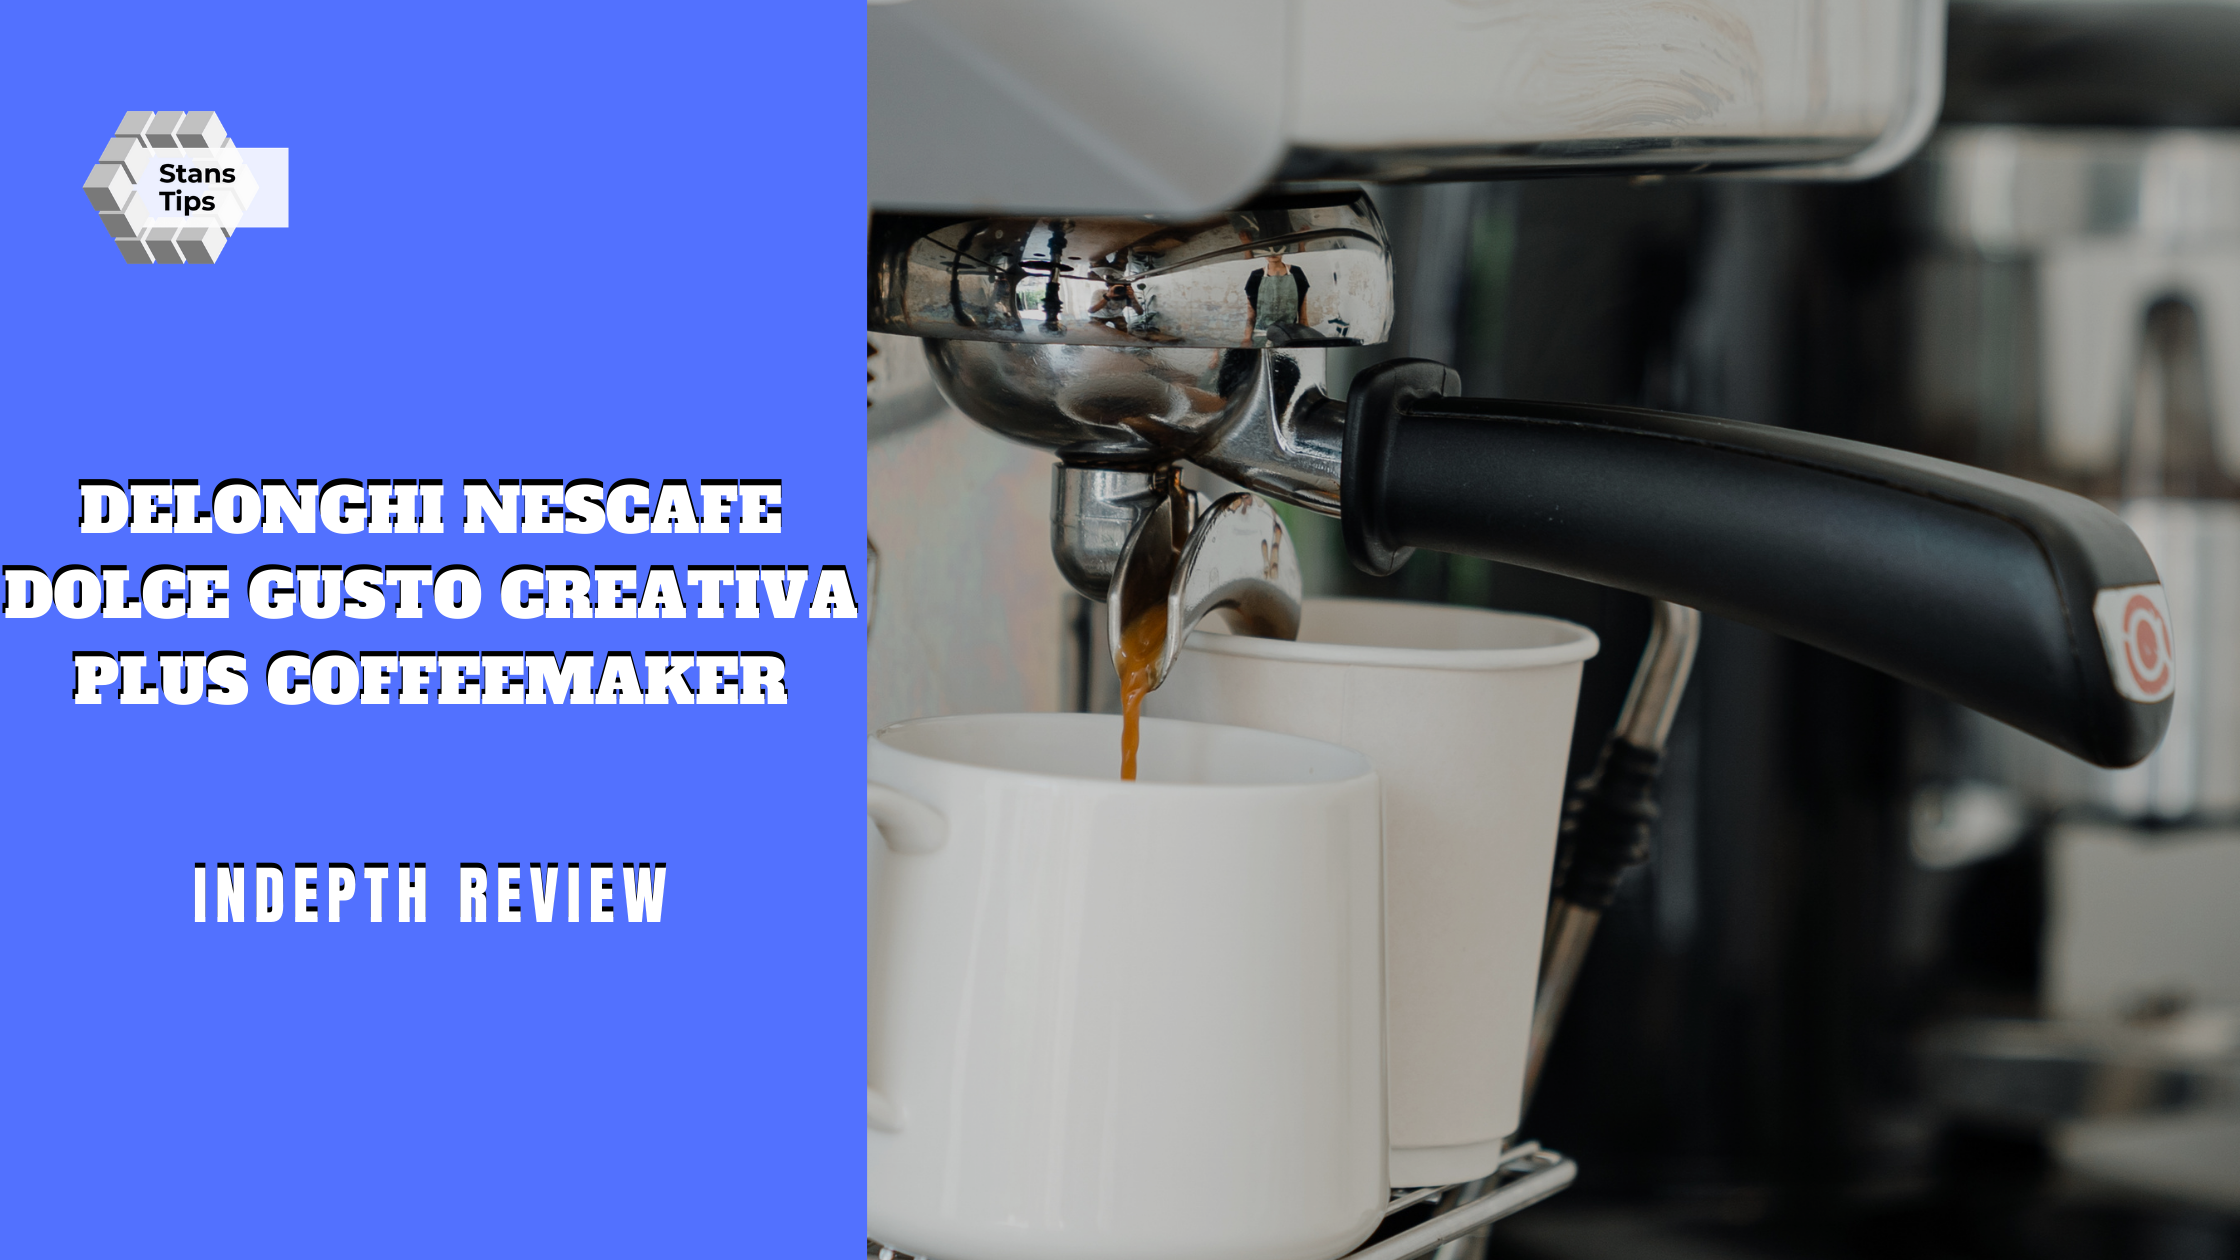 Delonghi nescafe dolce gusto creativa plus coffeemaker review